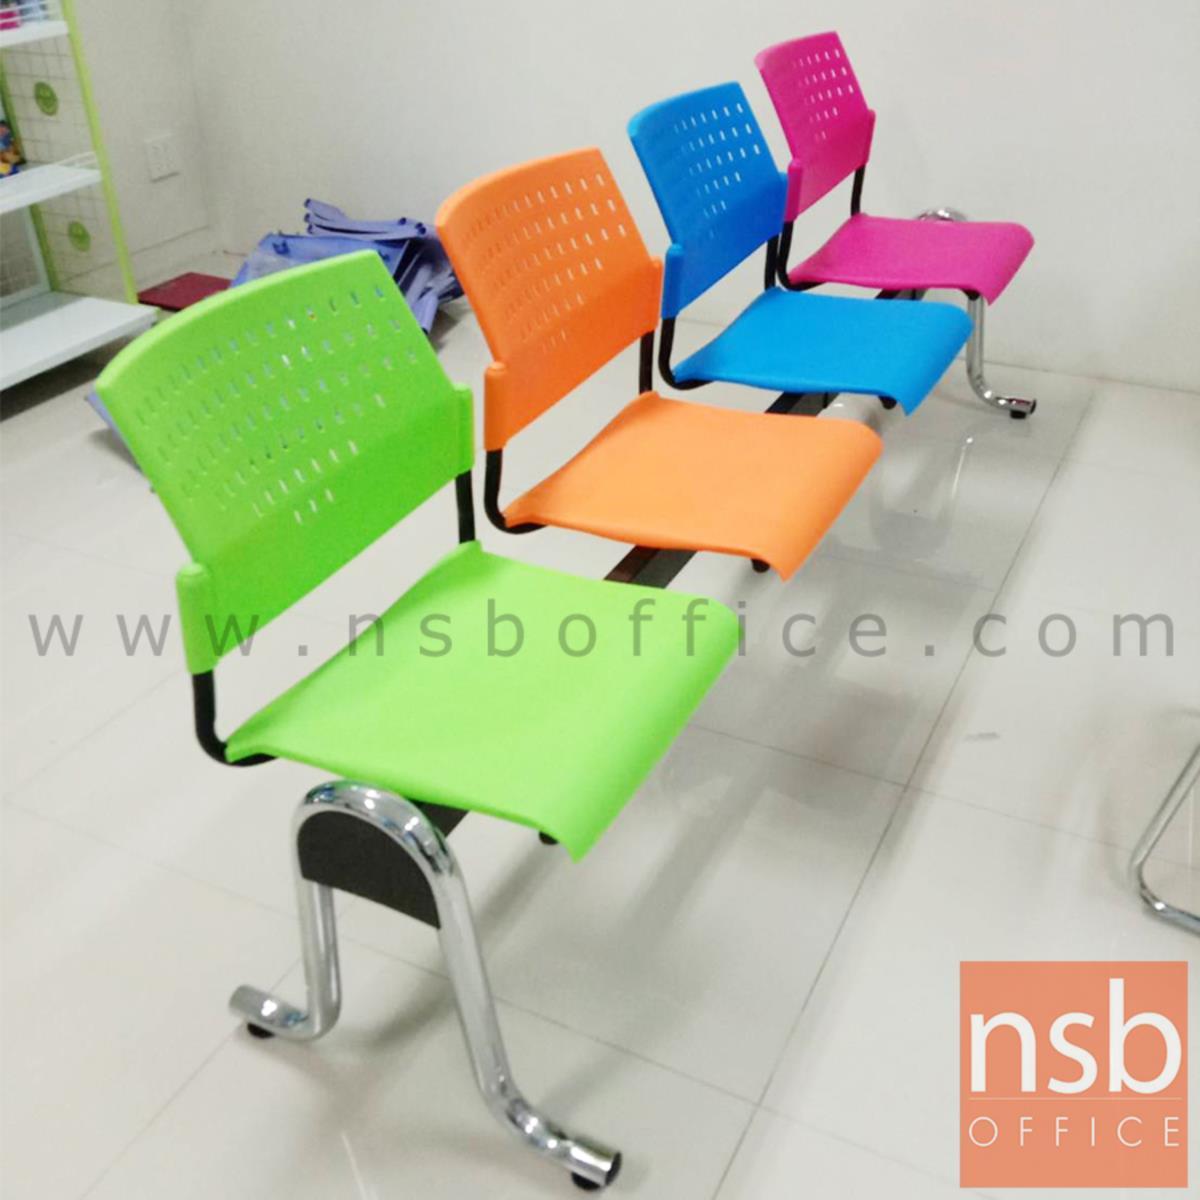 เก้าอี้นั่งคอยเฟรมโพลี่ รุ่น B026 2 ,3 ,4 ที่นั่ง ขนาด 104W ,162W ,213W cm. ขาเหล็ก